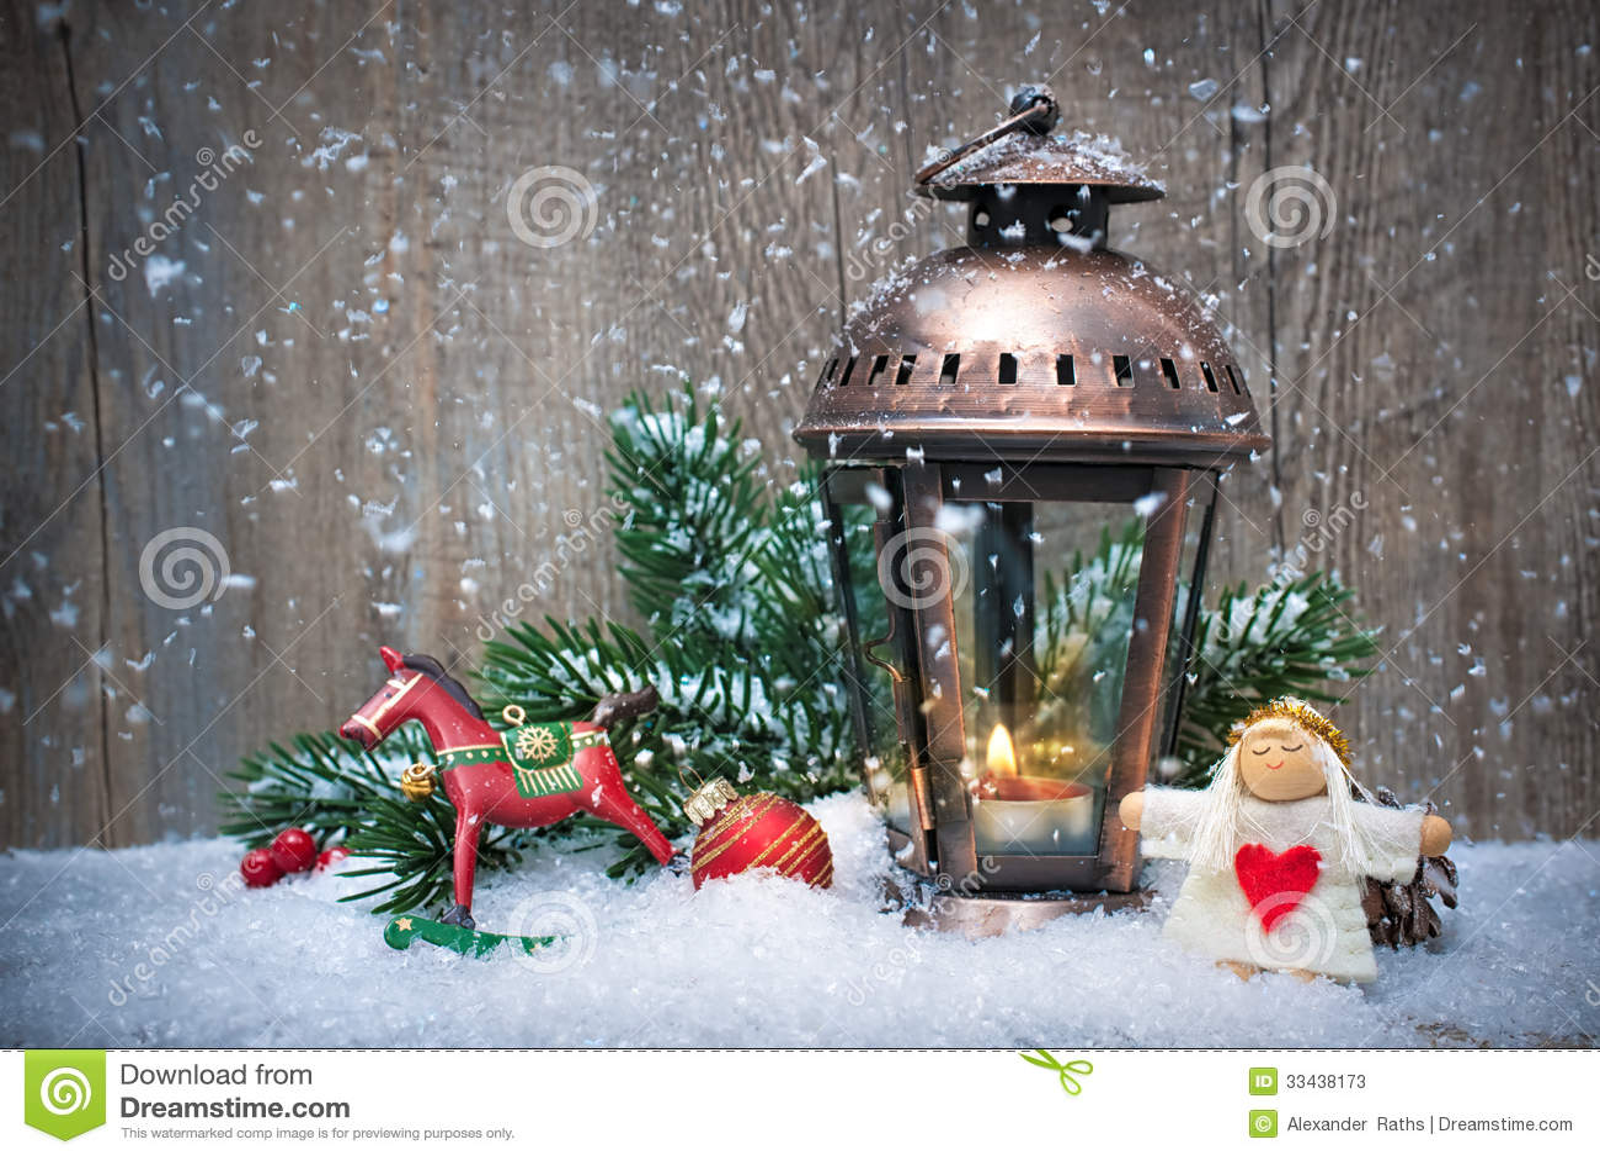 Foto Con La Neve Di Natale.Lanterna Di Natale Nella Neve Immagine Stock Immagine Di Sera Regali 33438173